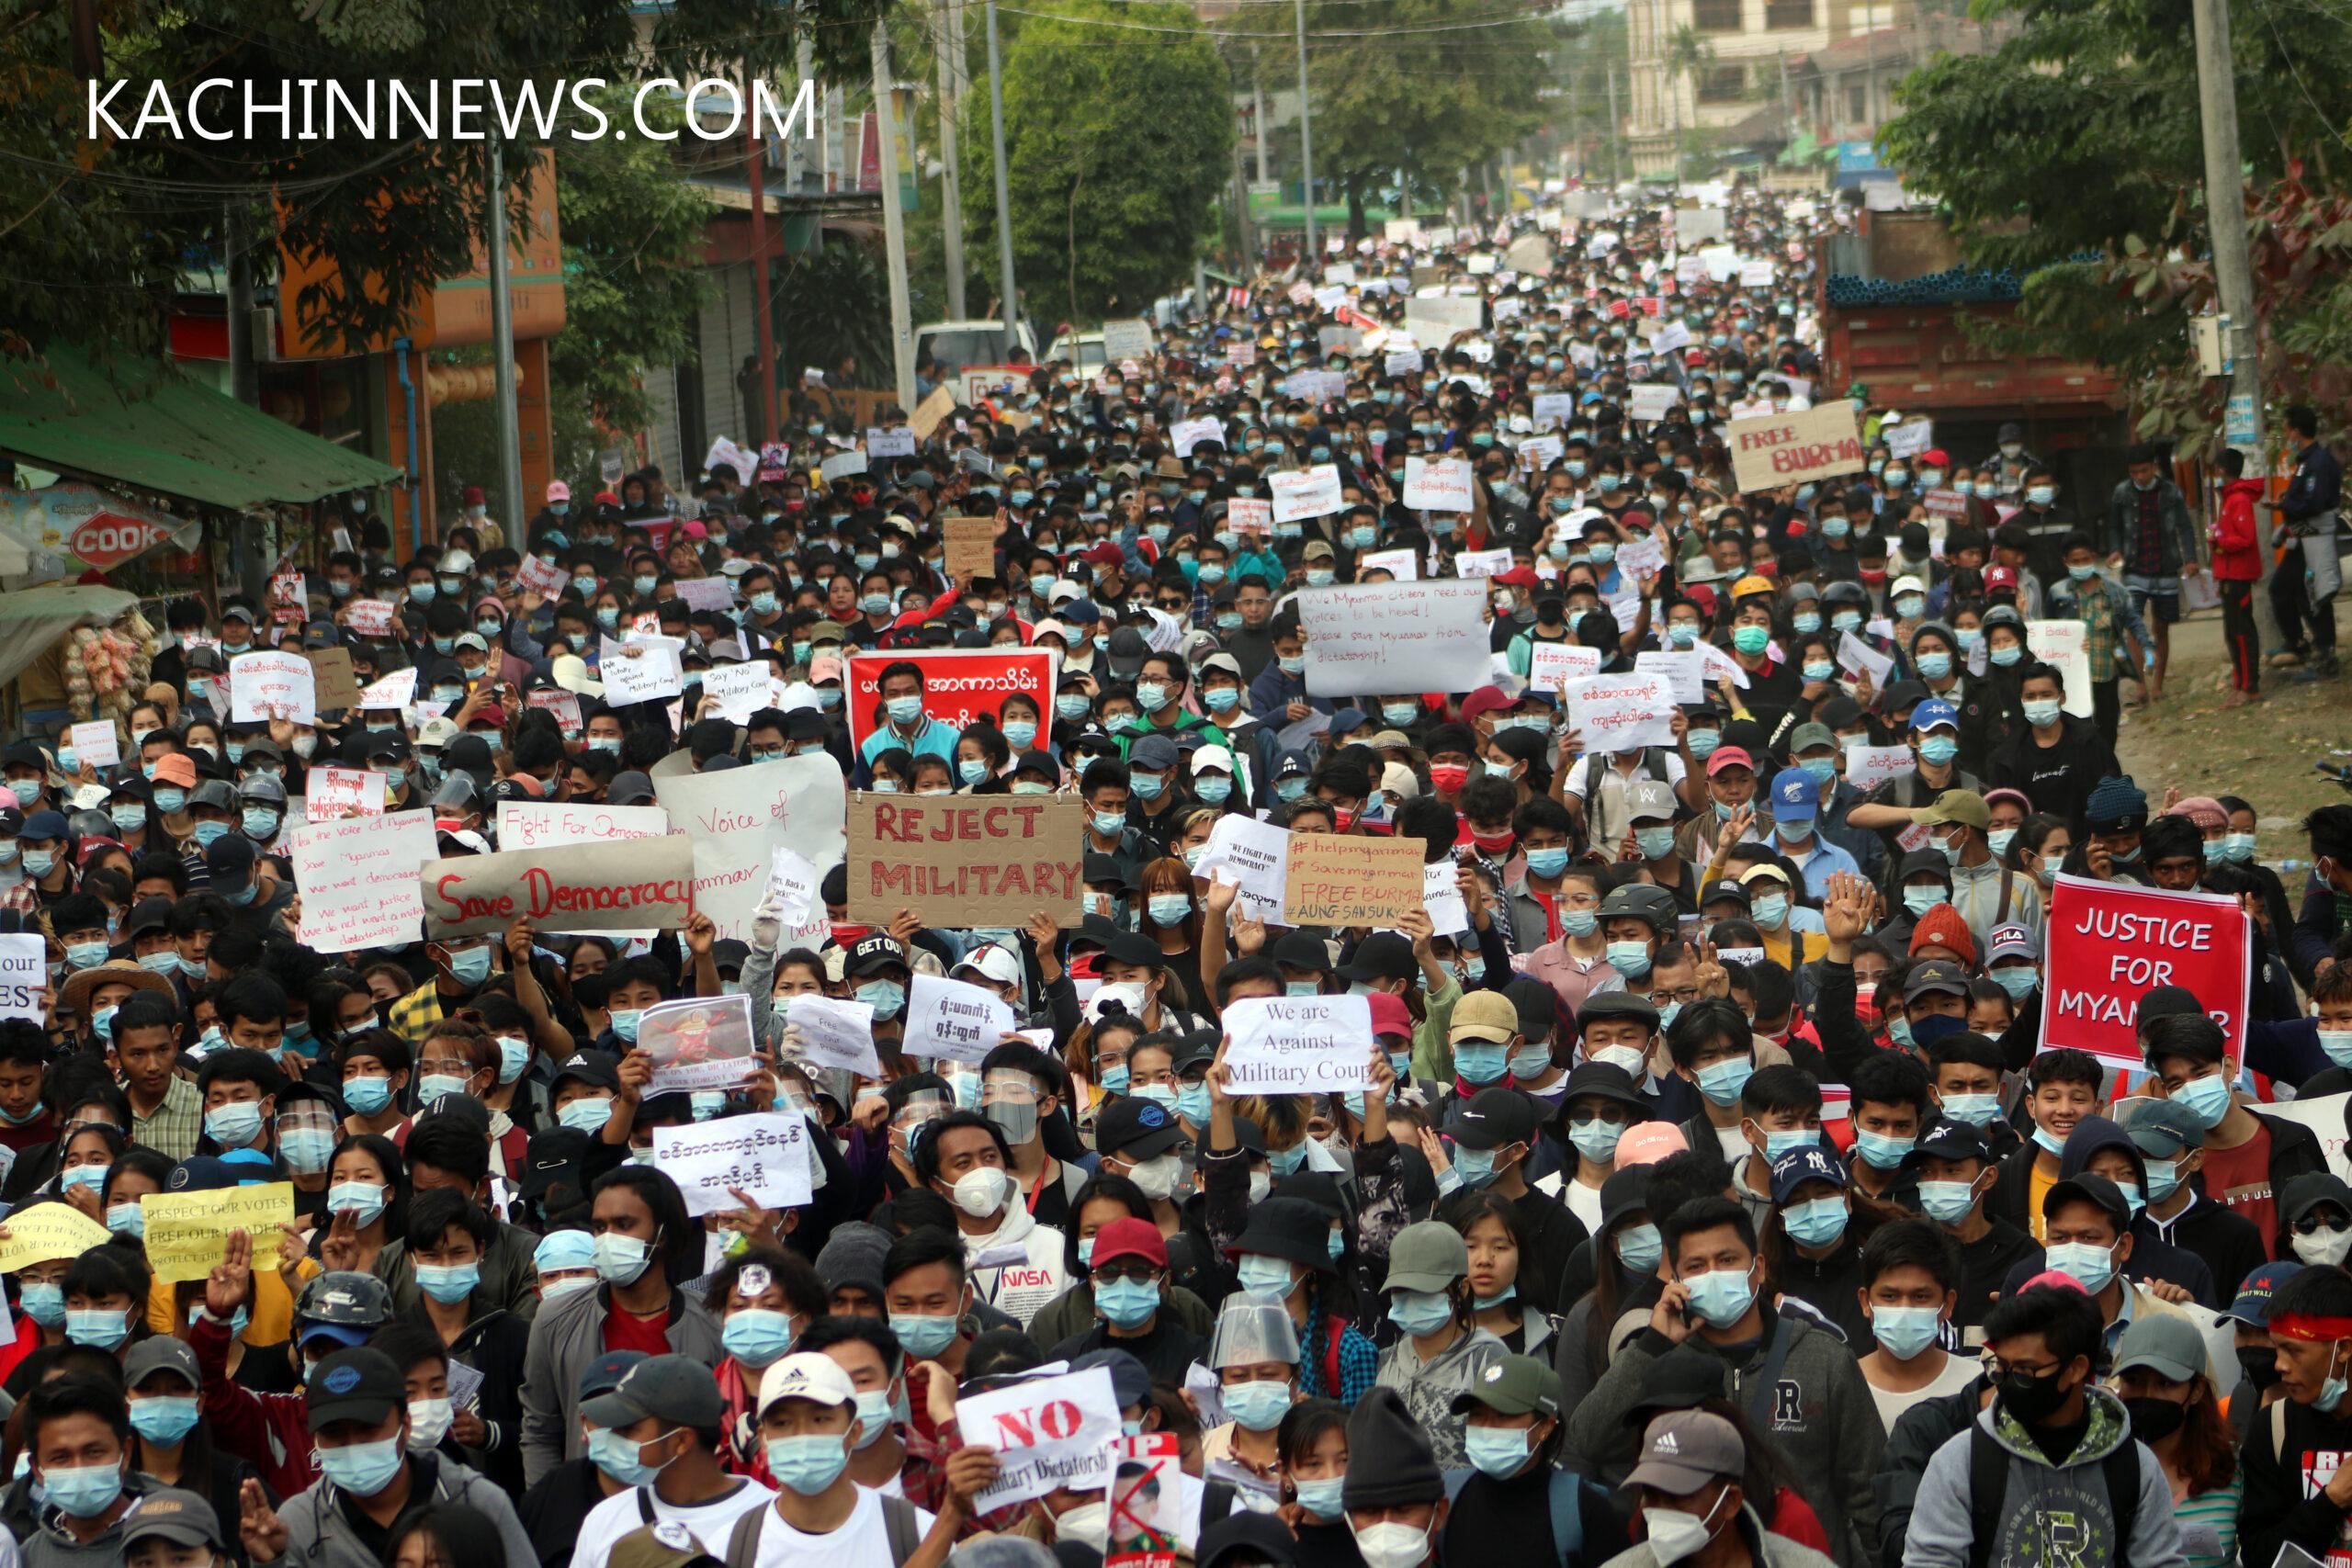 စစ်အာဏာသိမ်းမှုကို ဆန့်ကျင်သော မြစ်ကြီးနားရှိ လူငယ်များ၏ ဆန္ဒဖော်ထုတ်မှု